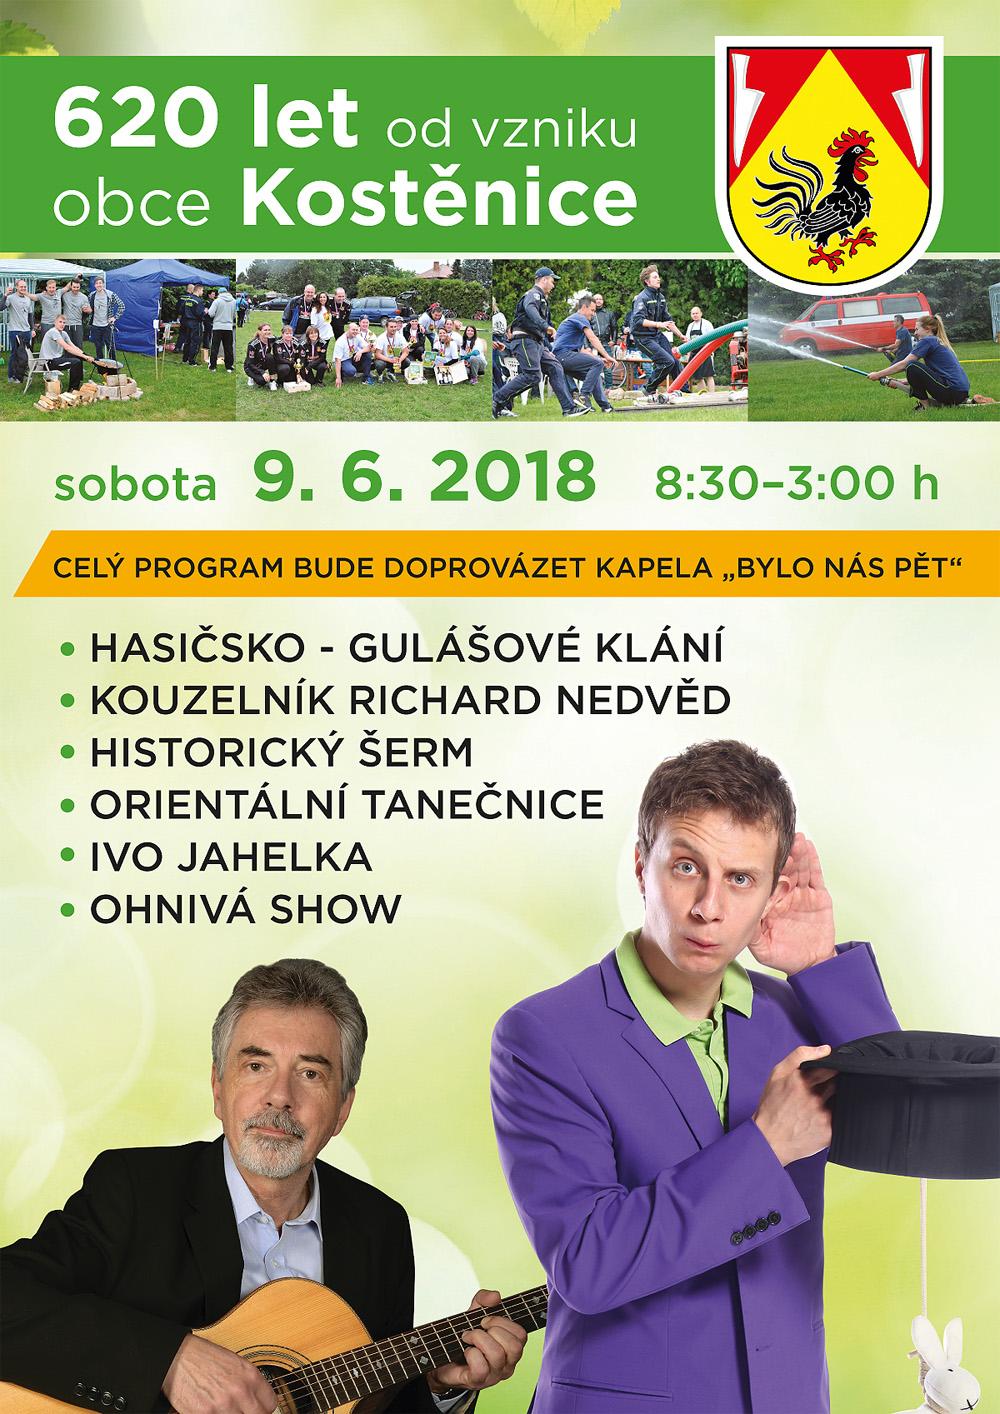 Pozvánka na oslavy 620. výročí obce Kostěnice